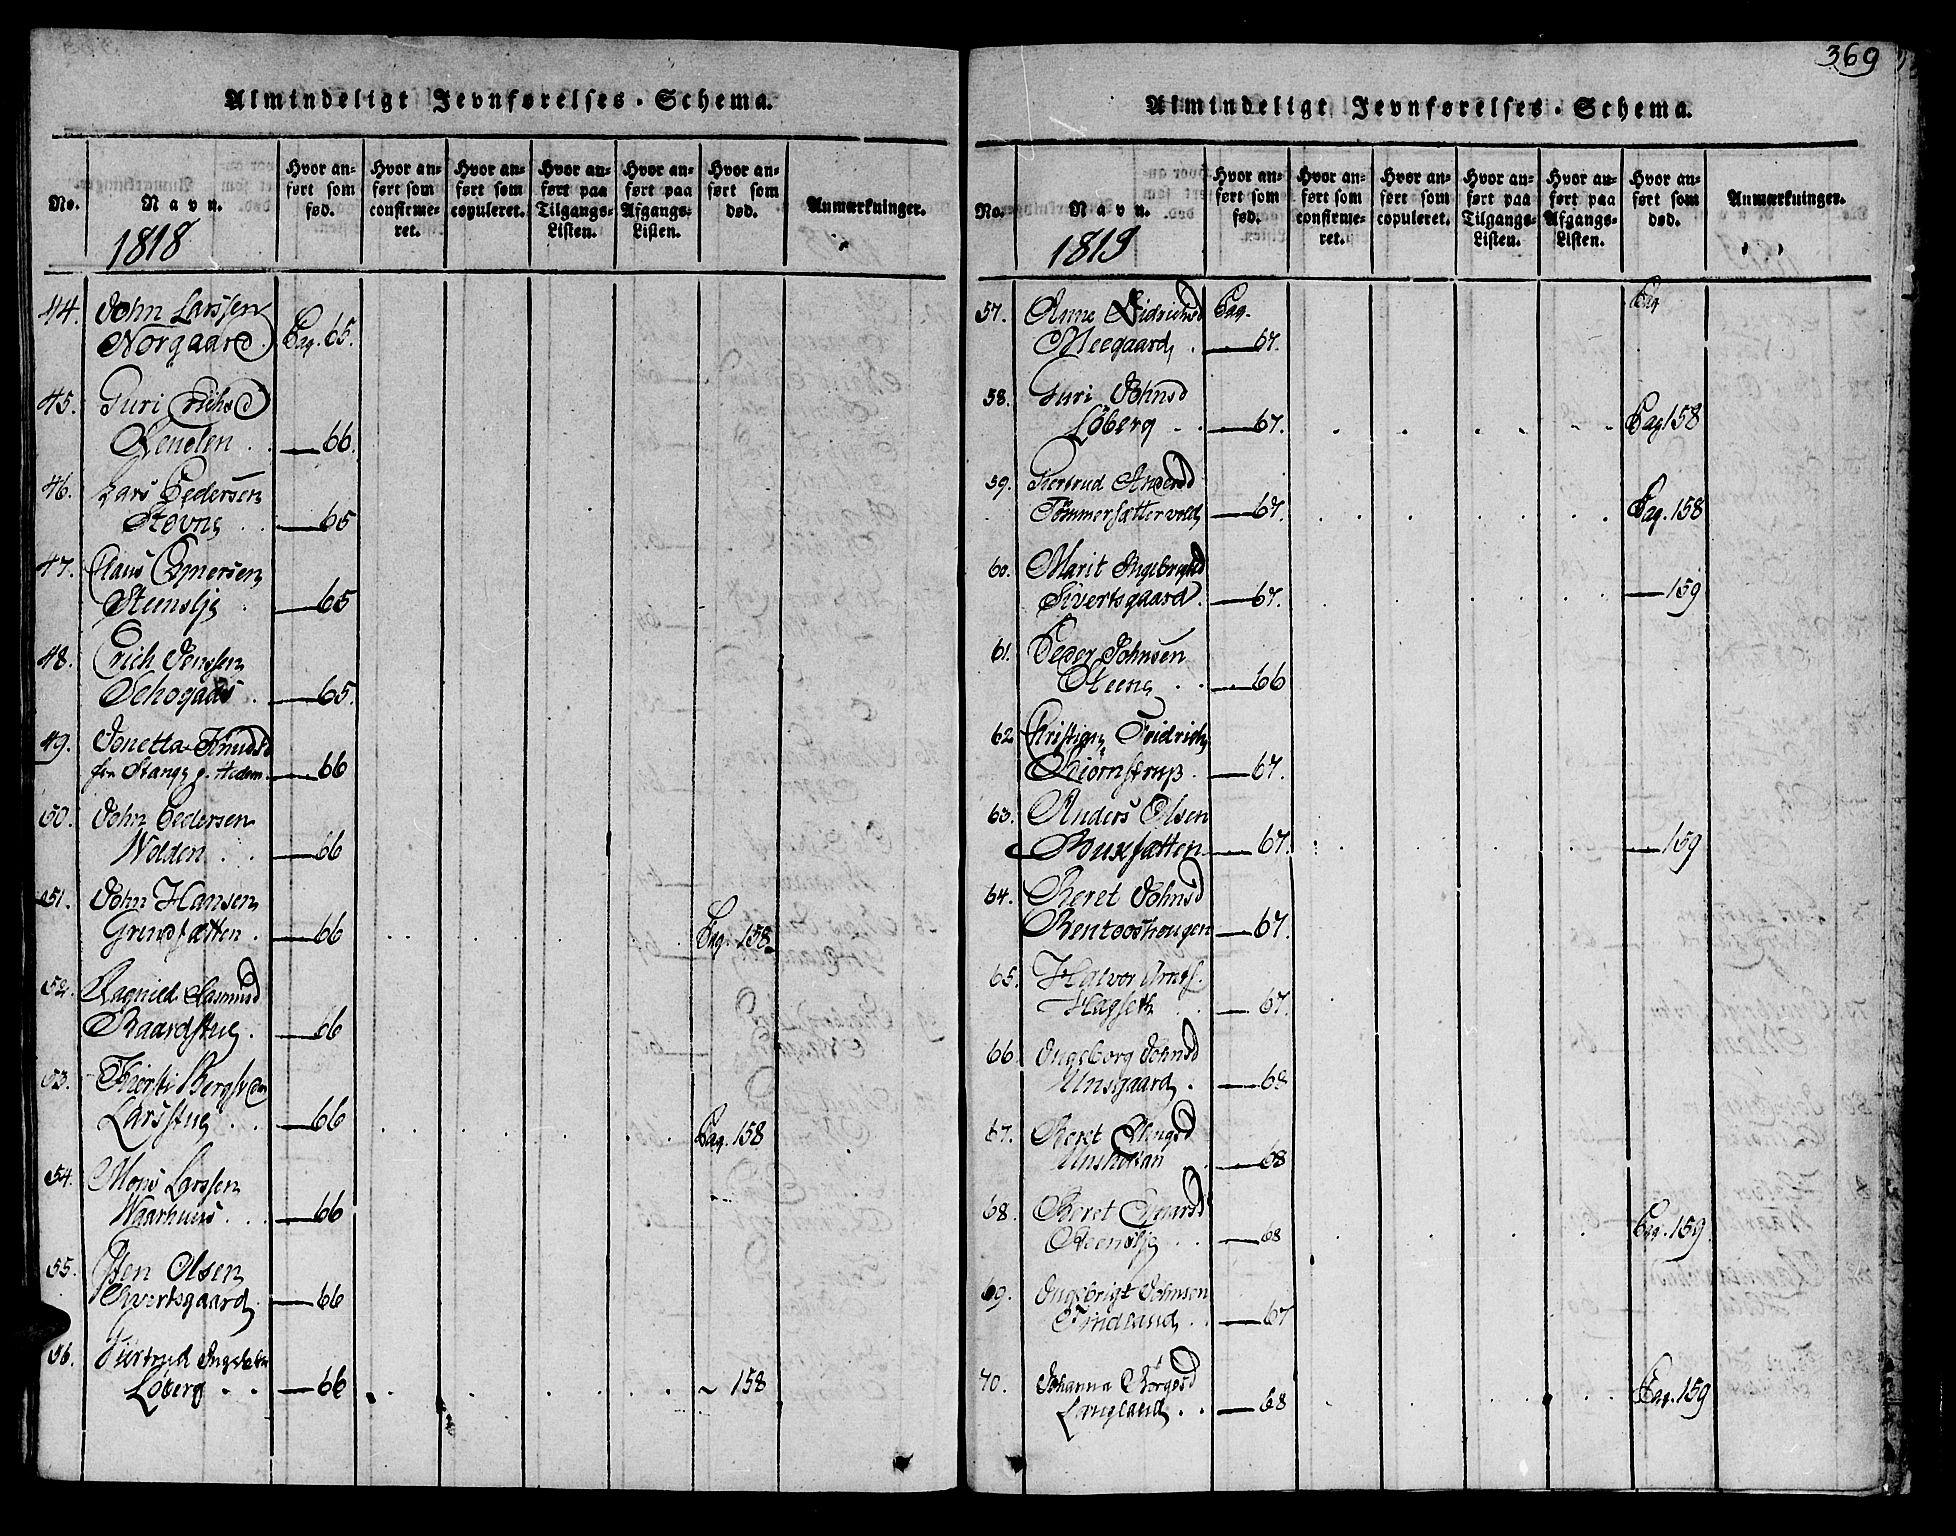 SAT, Ministerialprotokoller, klokkerbøker og fødselsregistre - Sør-Trøndelag, 685/L0956: Ministerialbok nr. 685A03 /3, 1817-1829, s. 369